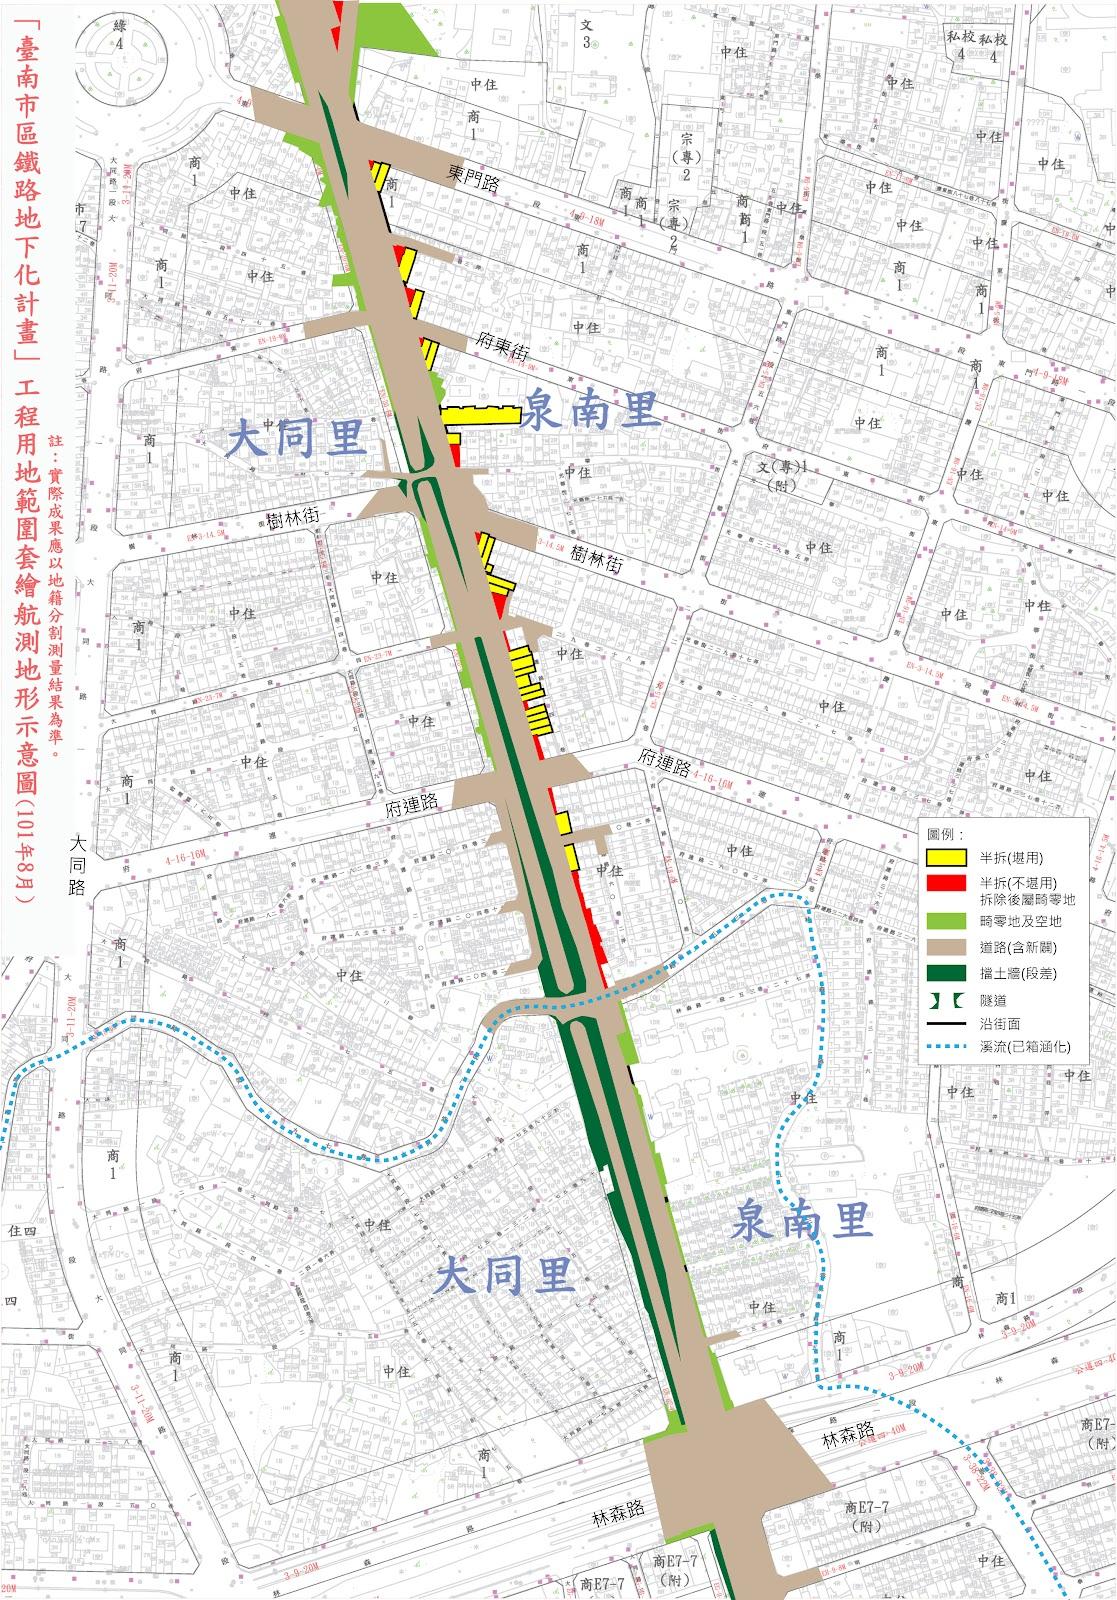 台南鐵路地下化航測圖-大同里-路廊分析.jpg